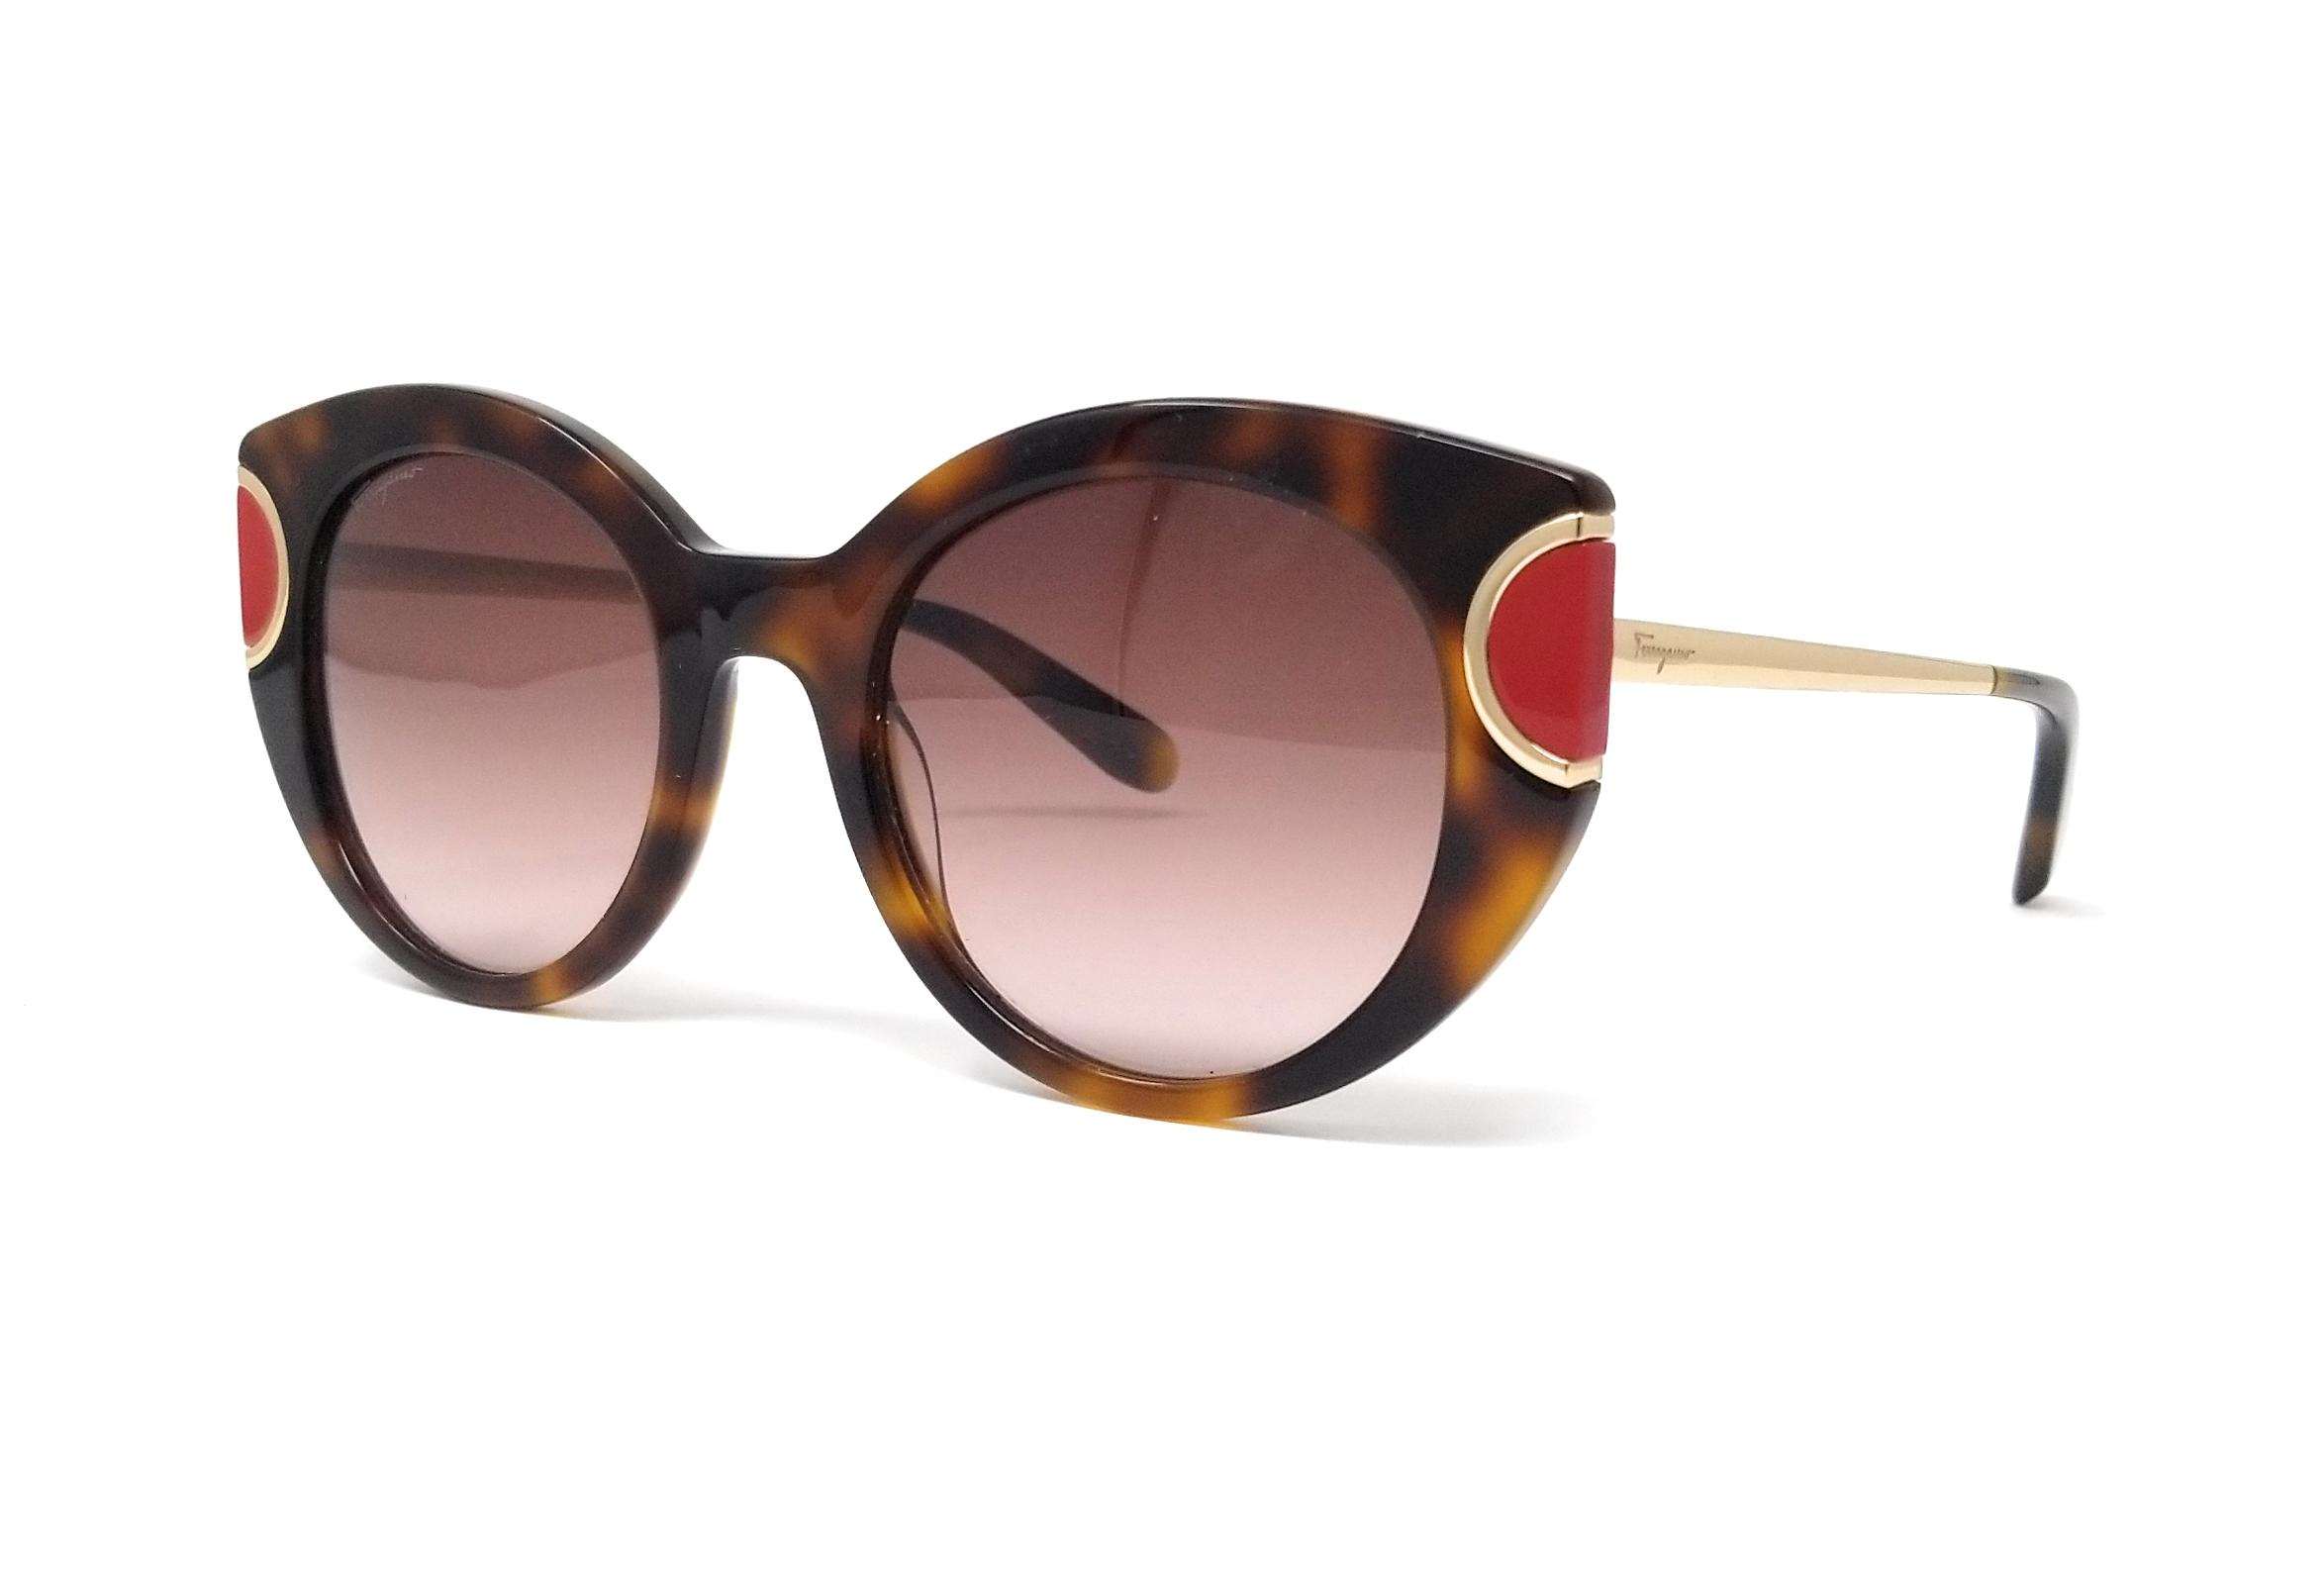 37c42de1cb9 Salvatore Ferragamo Sunglasses SF829S 207 Tortoise-Red Butterfly 52x21x140